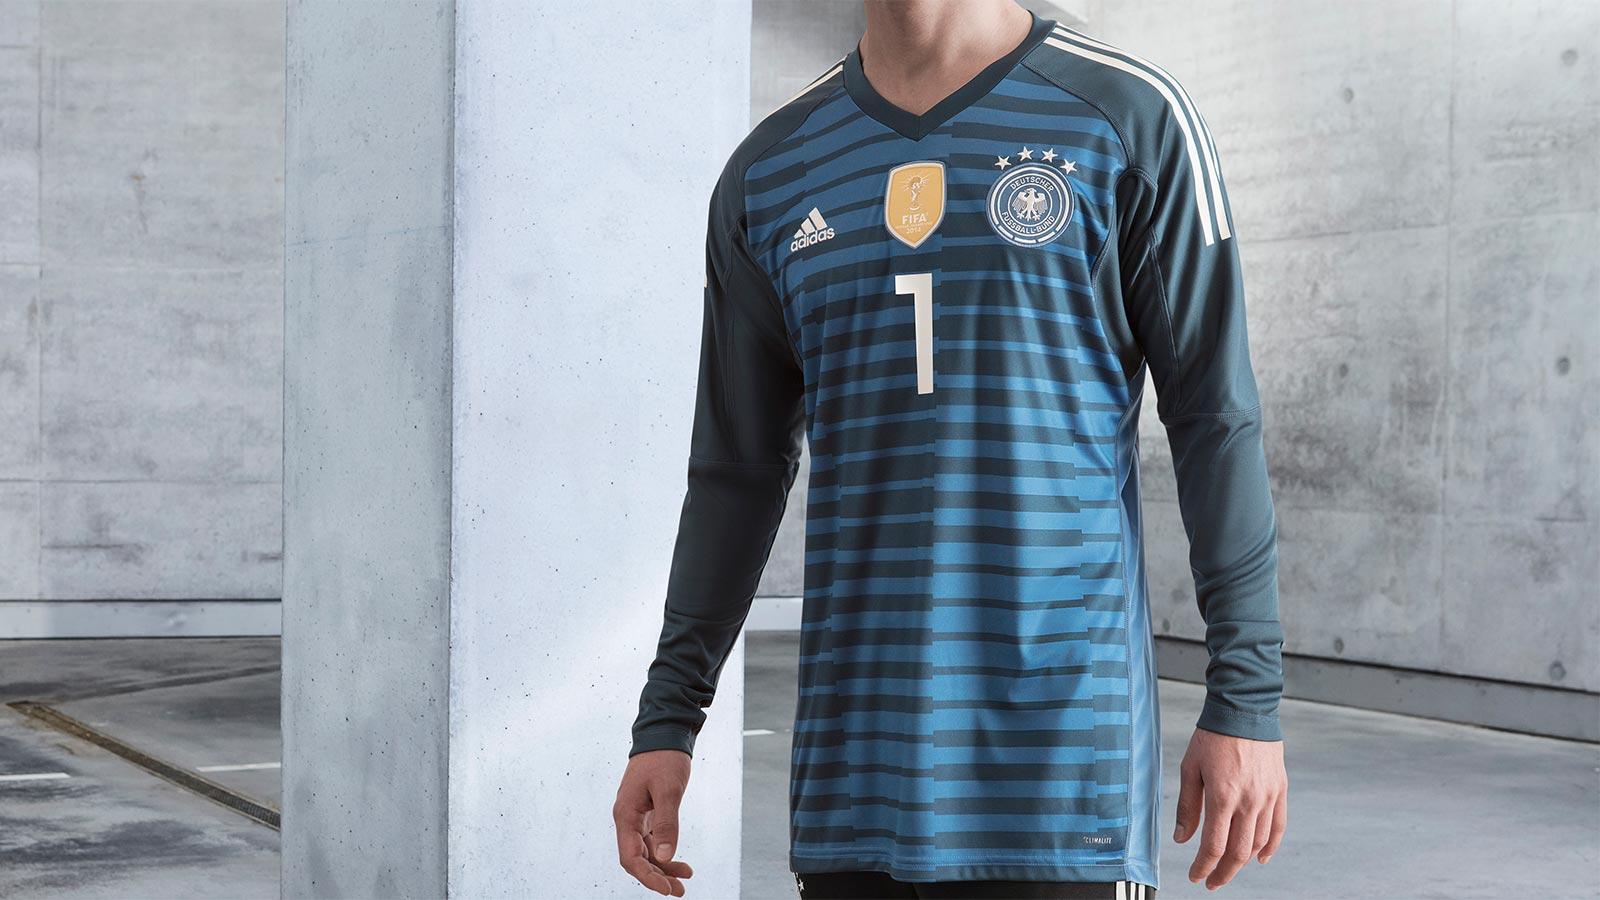 Germany goalie home kit 2018